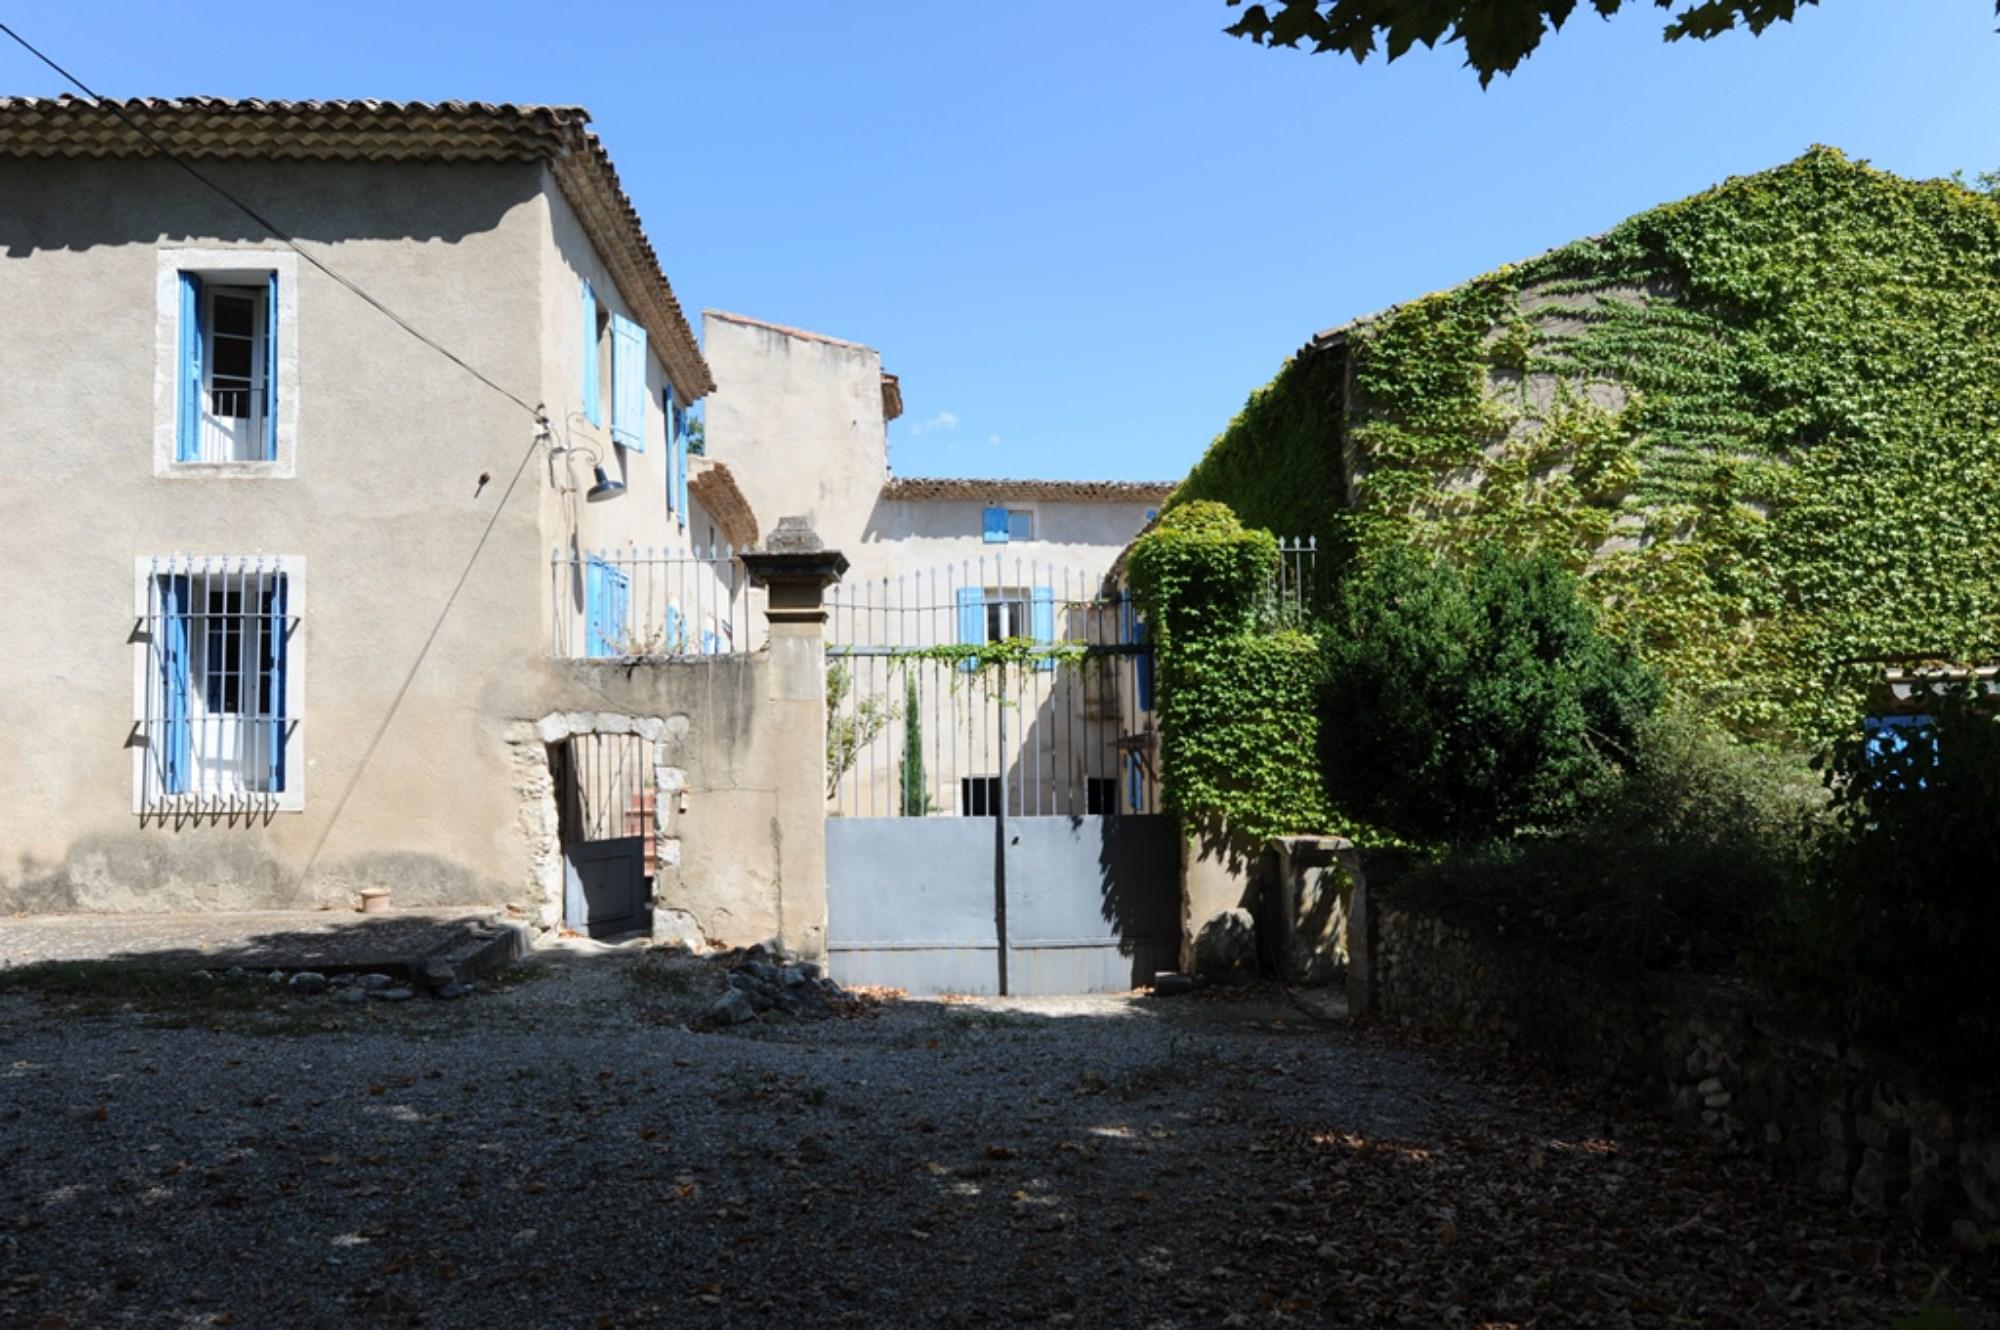 En vente dans le Luberon, grande propriété à rénover